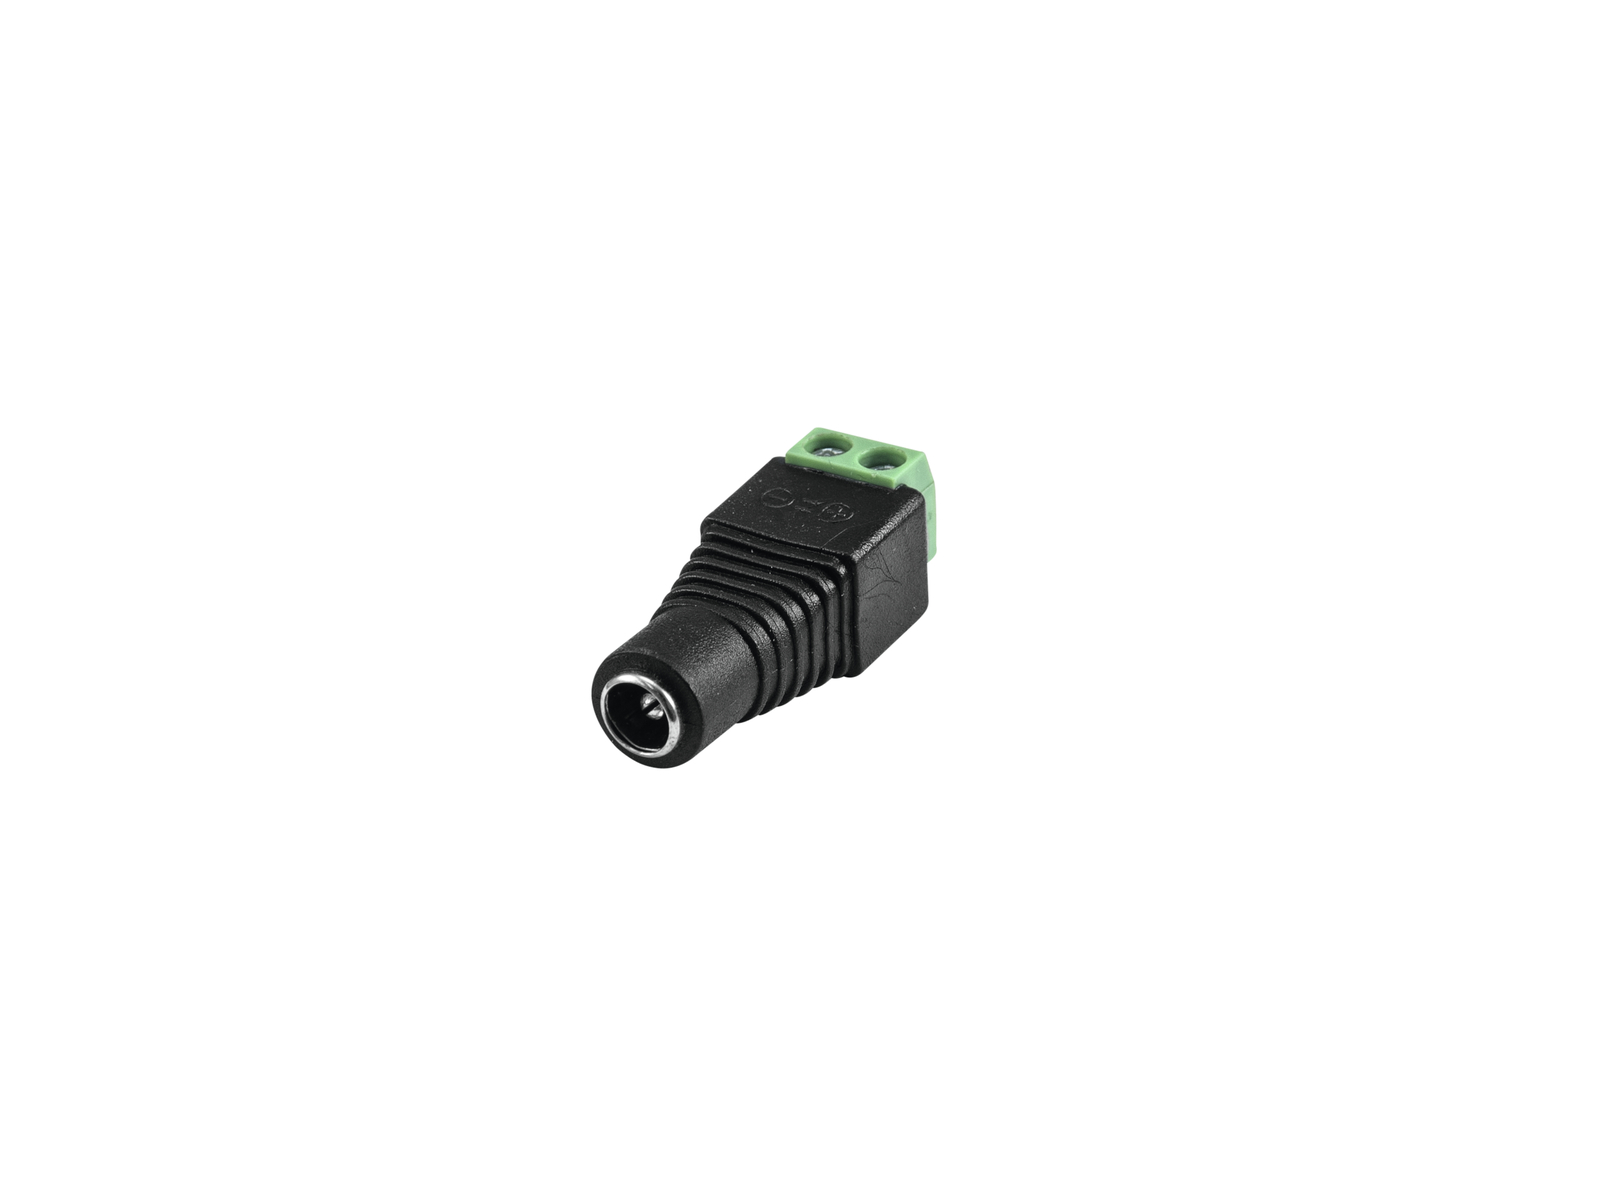 EUROLITE Adapter Hohlstecker/Schraubklemme